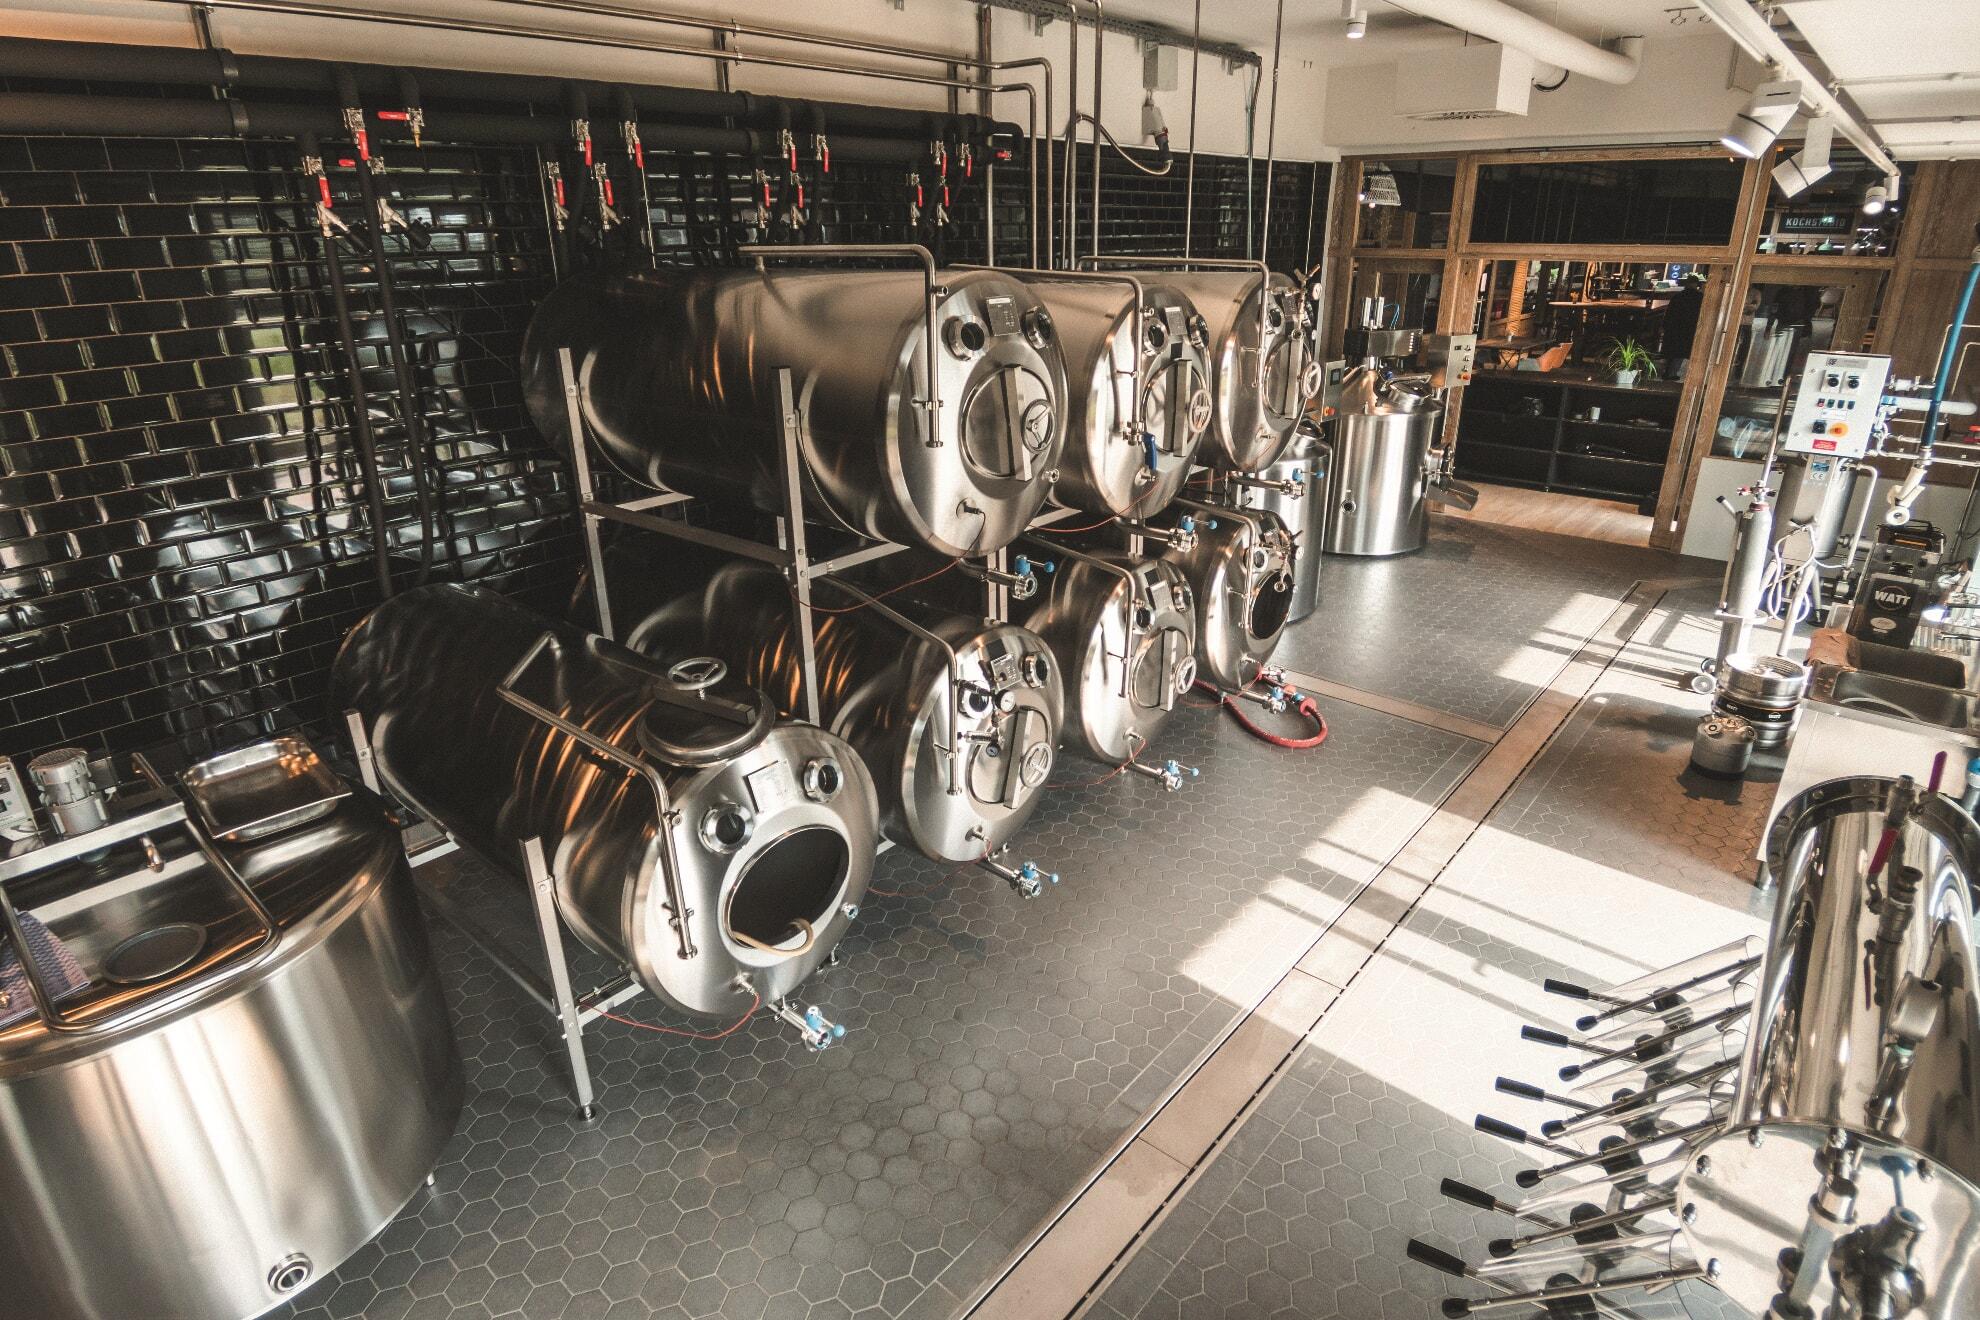 Watt Brauerei